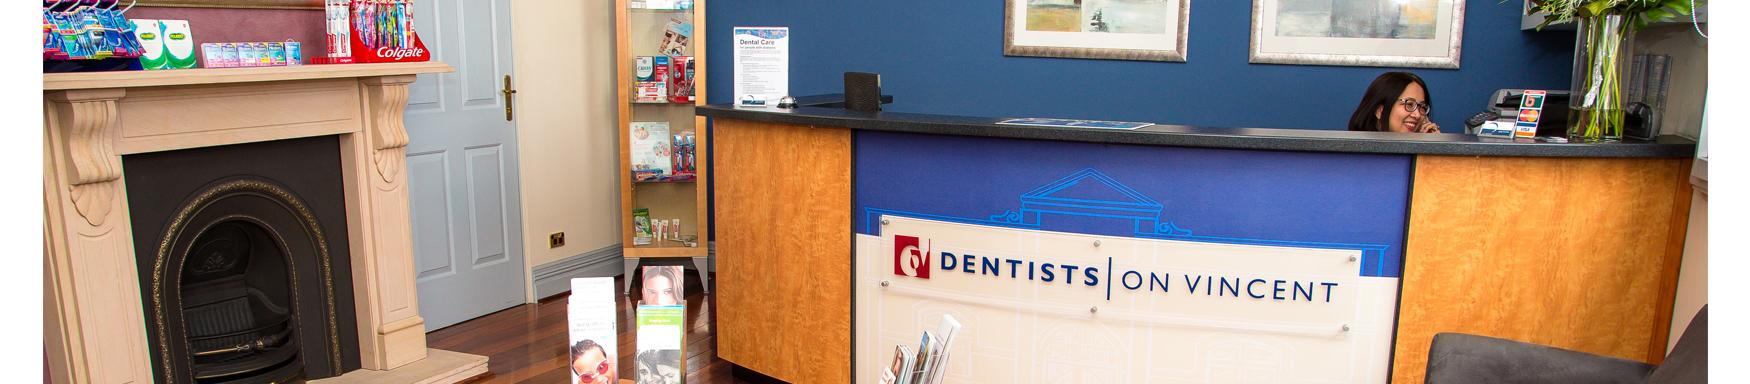 Dentists on Vincent Leederville